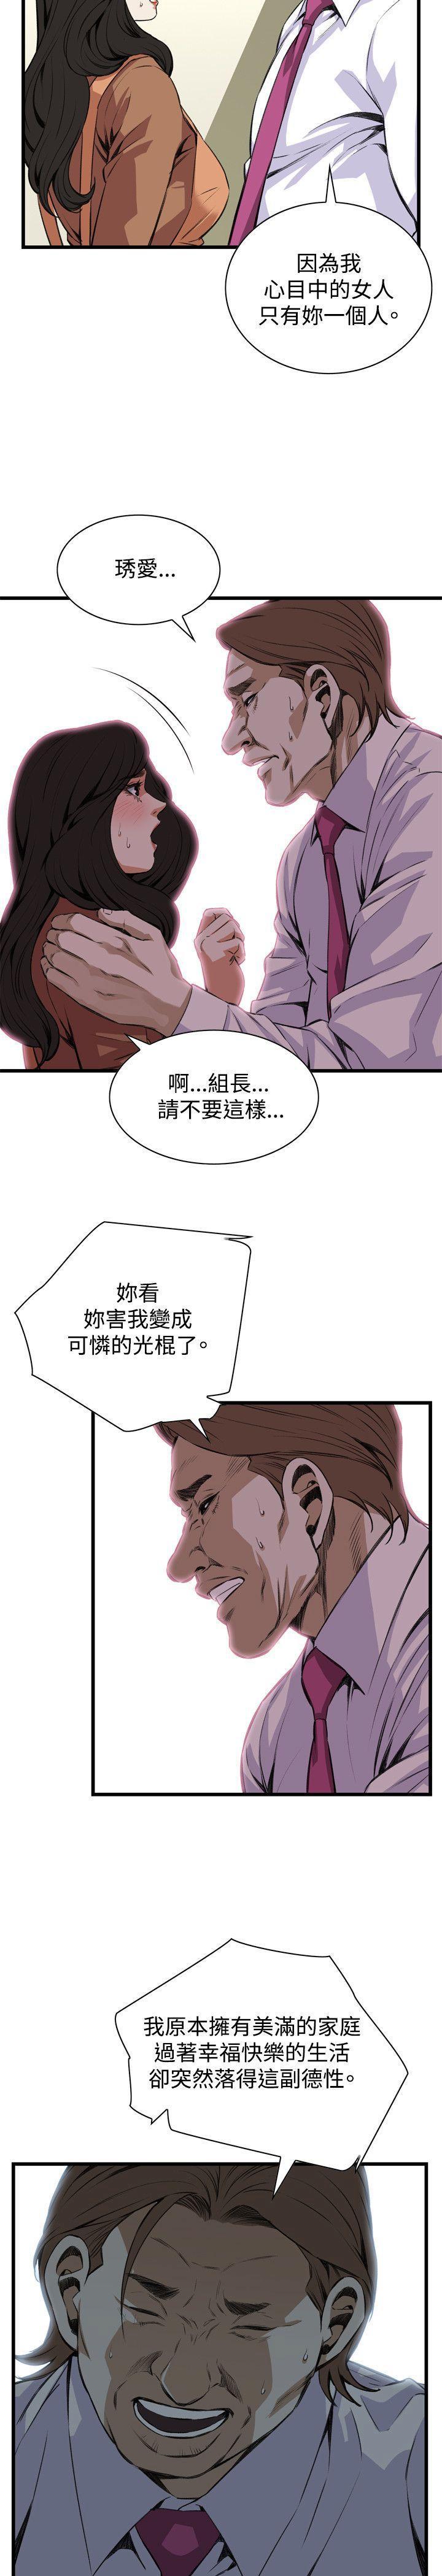 偷窥72-93 Chinese Rsiky 217